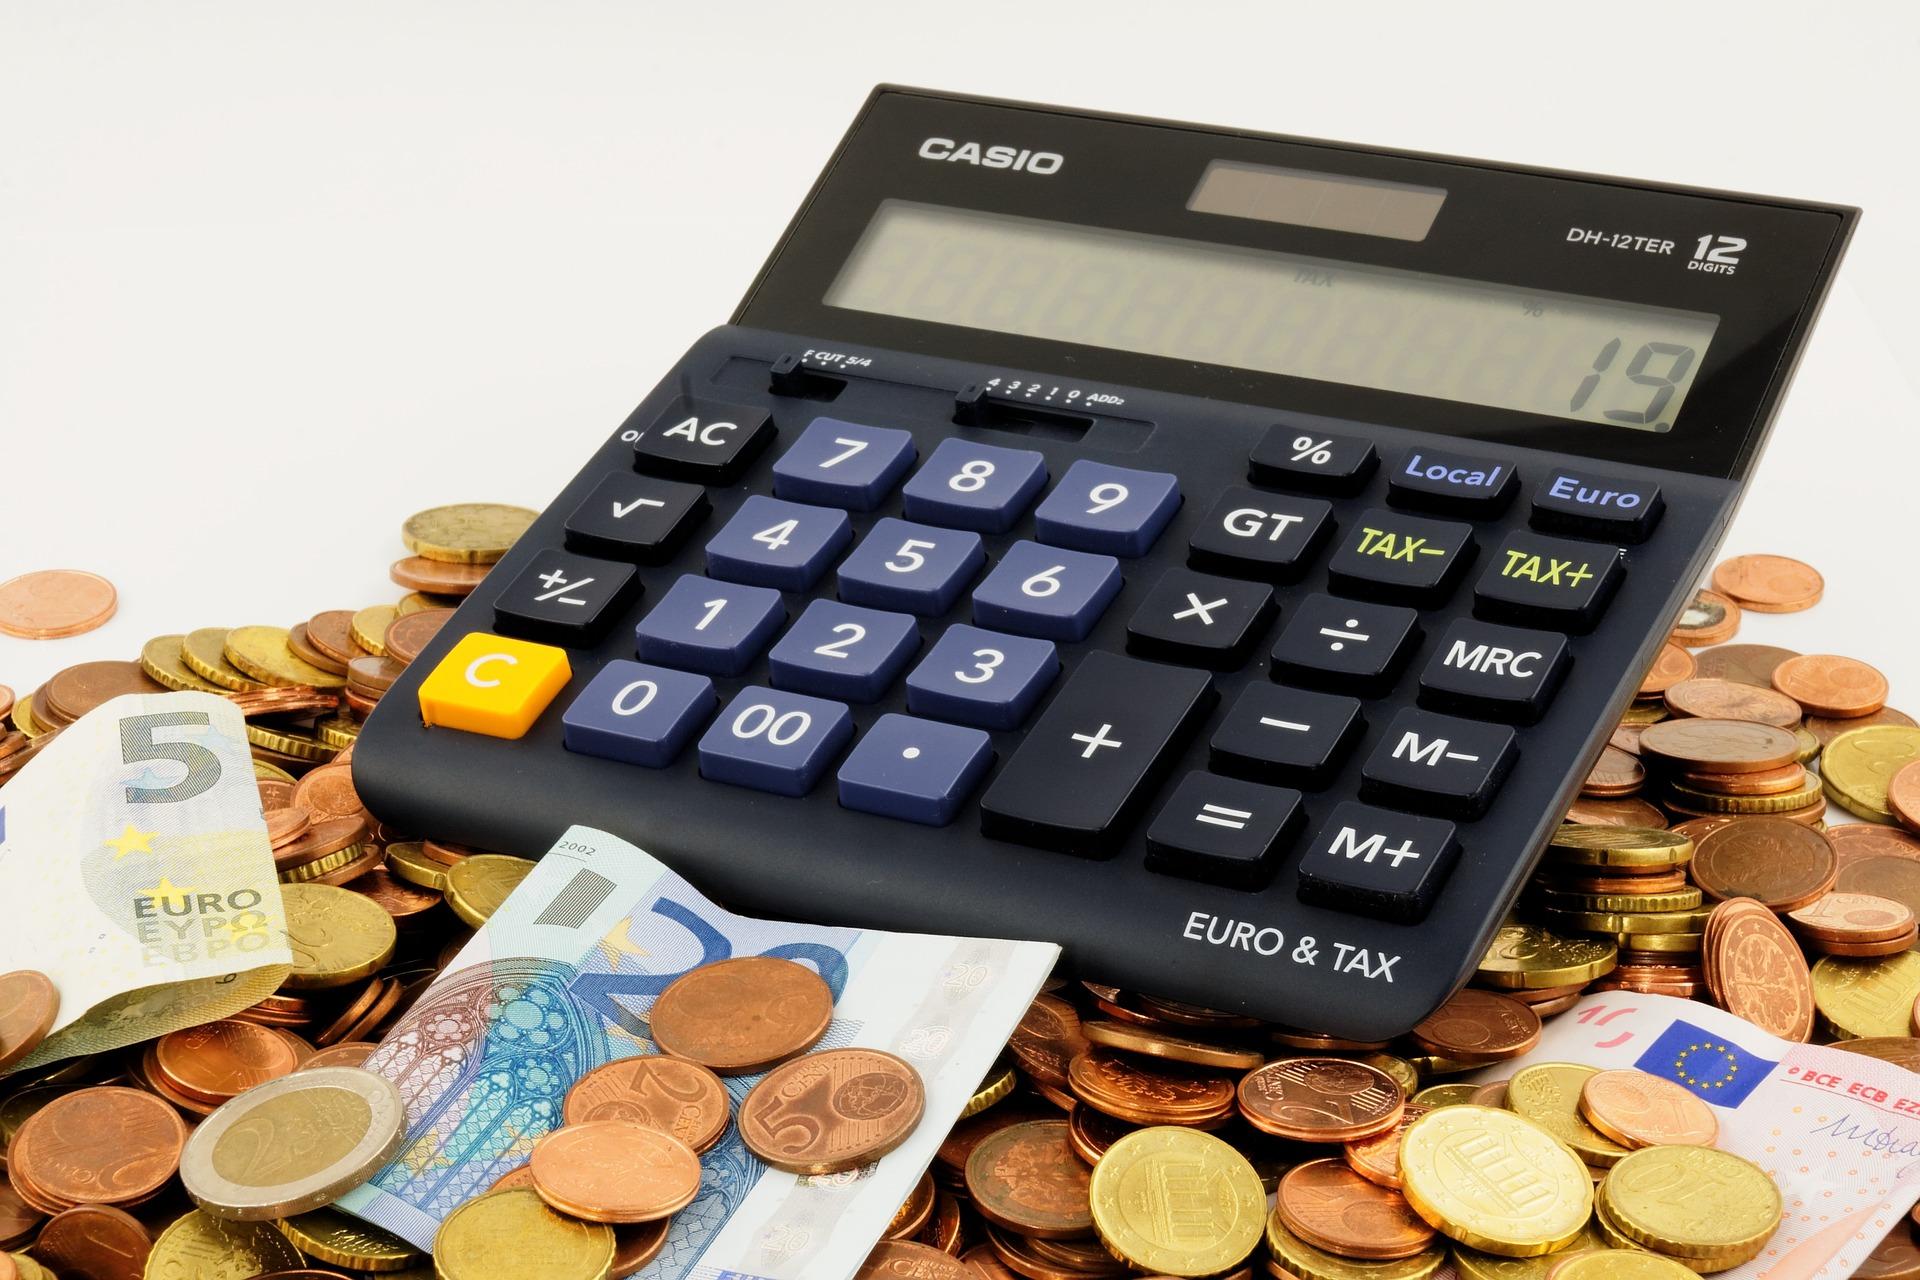 破産するフリーランサーにならないために必要不可欠な5つの金銭知識